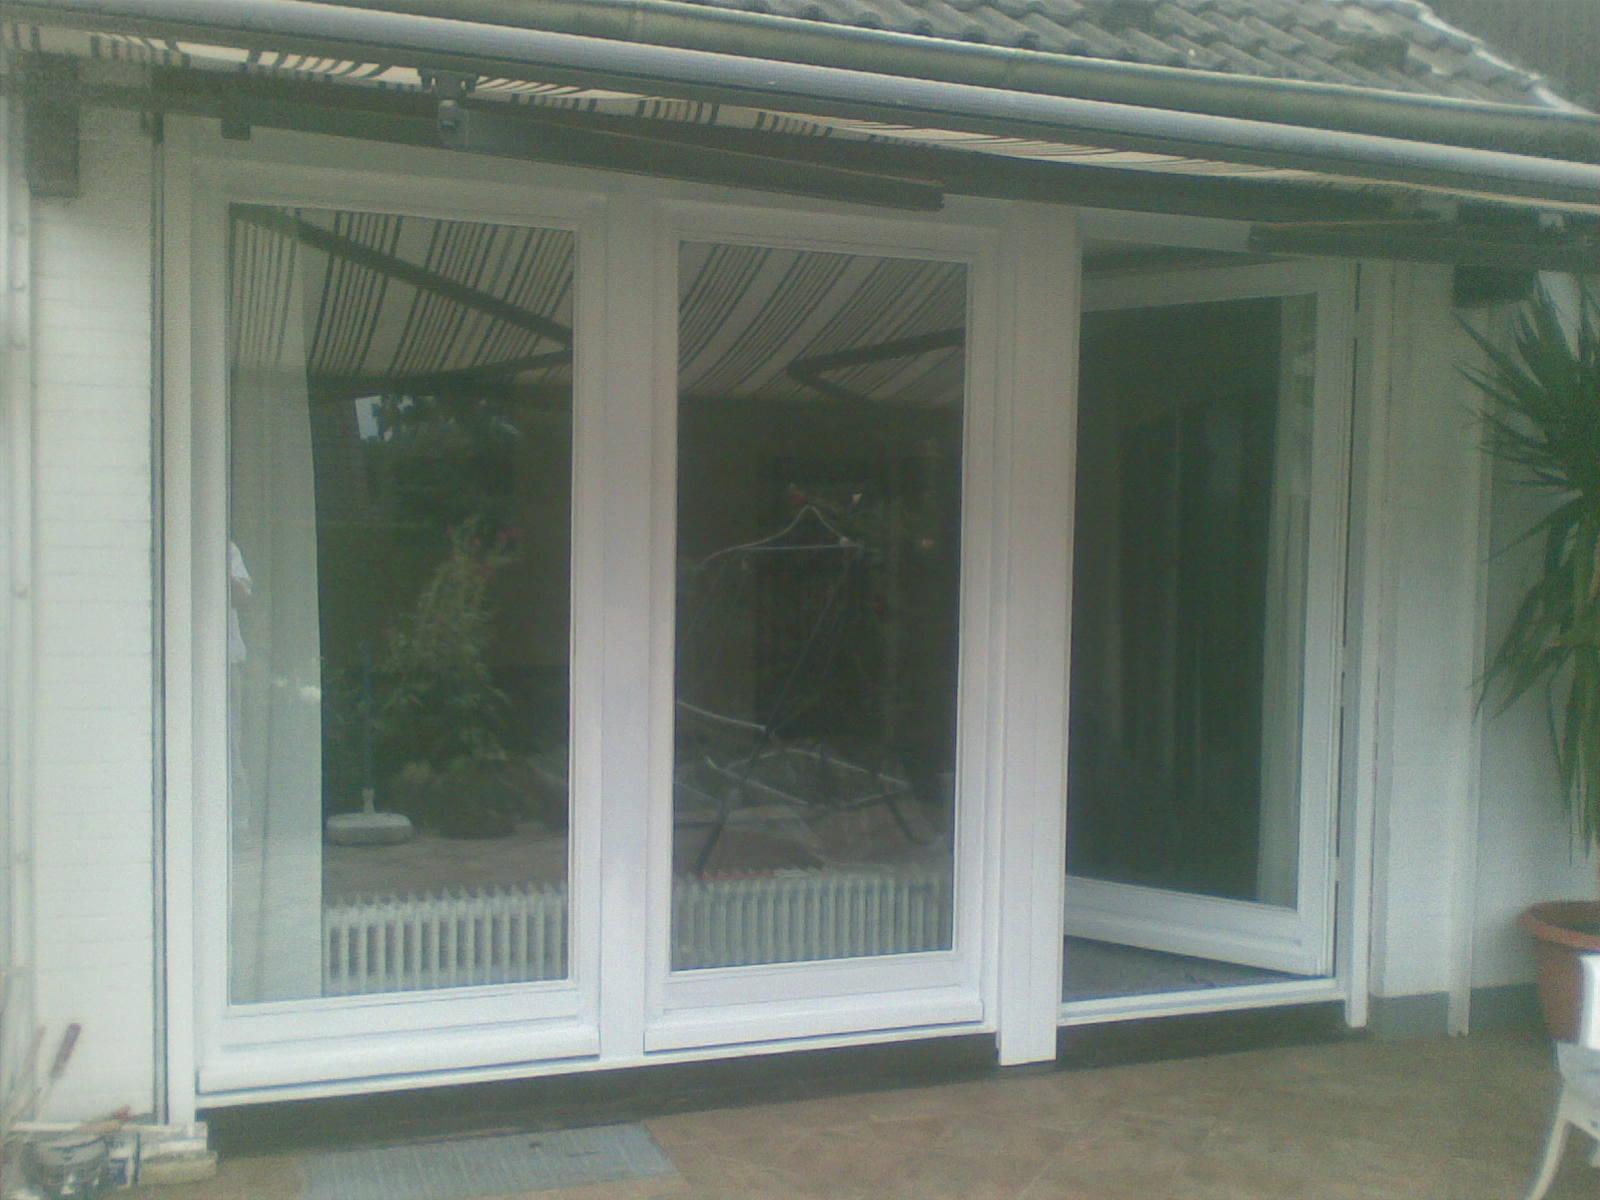 Fenster im neuem Glanz